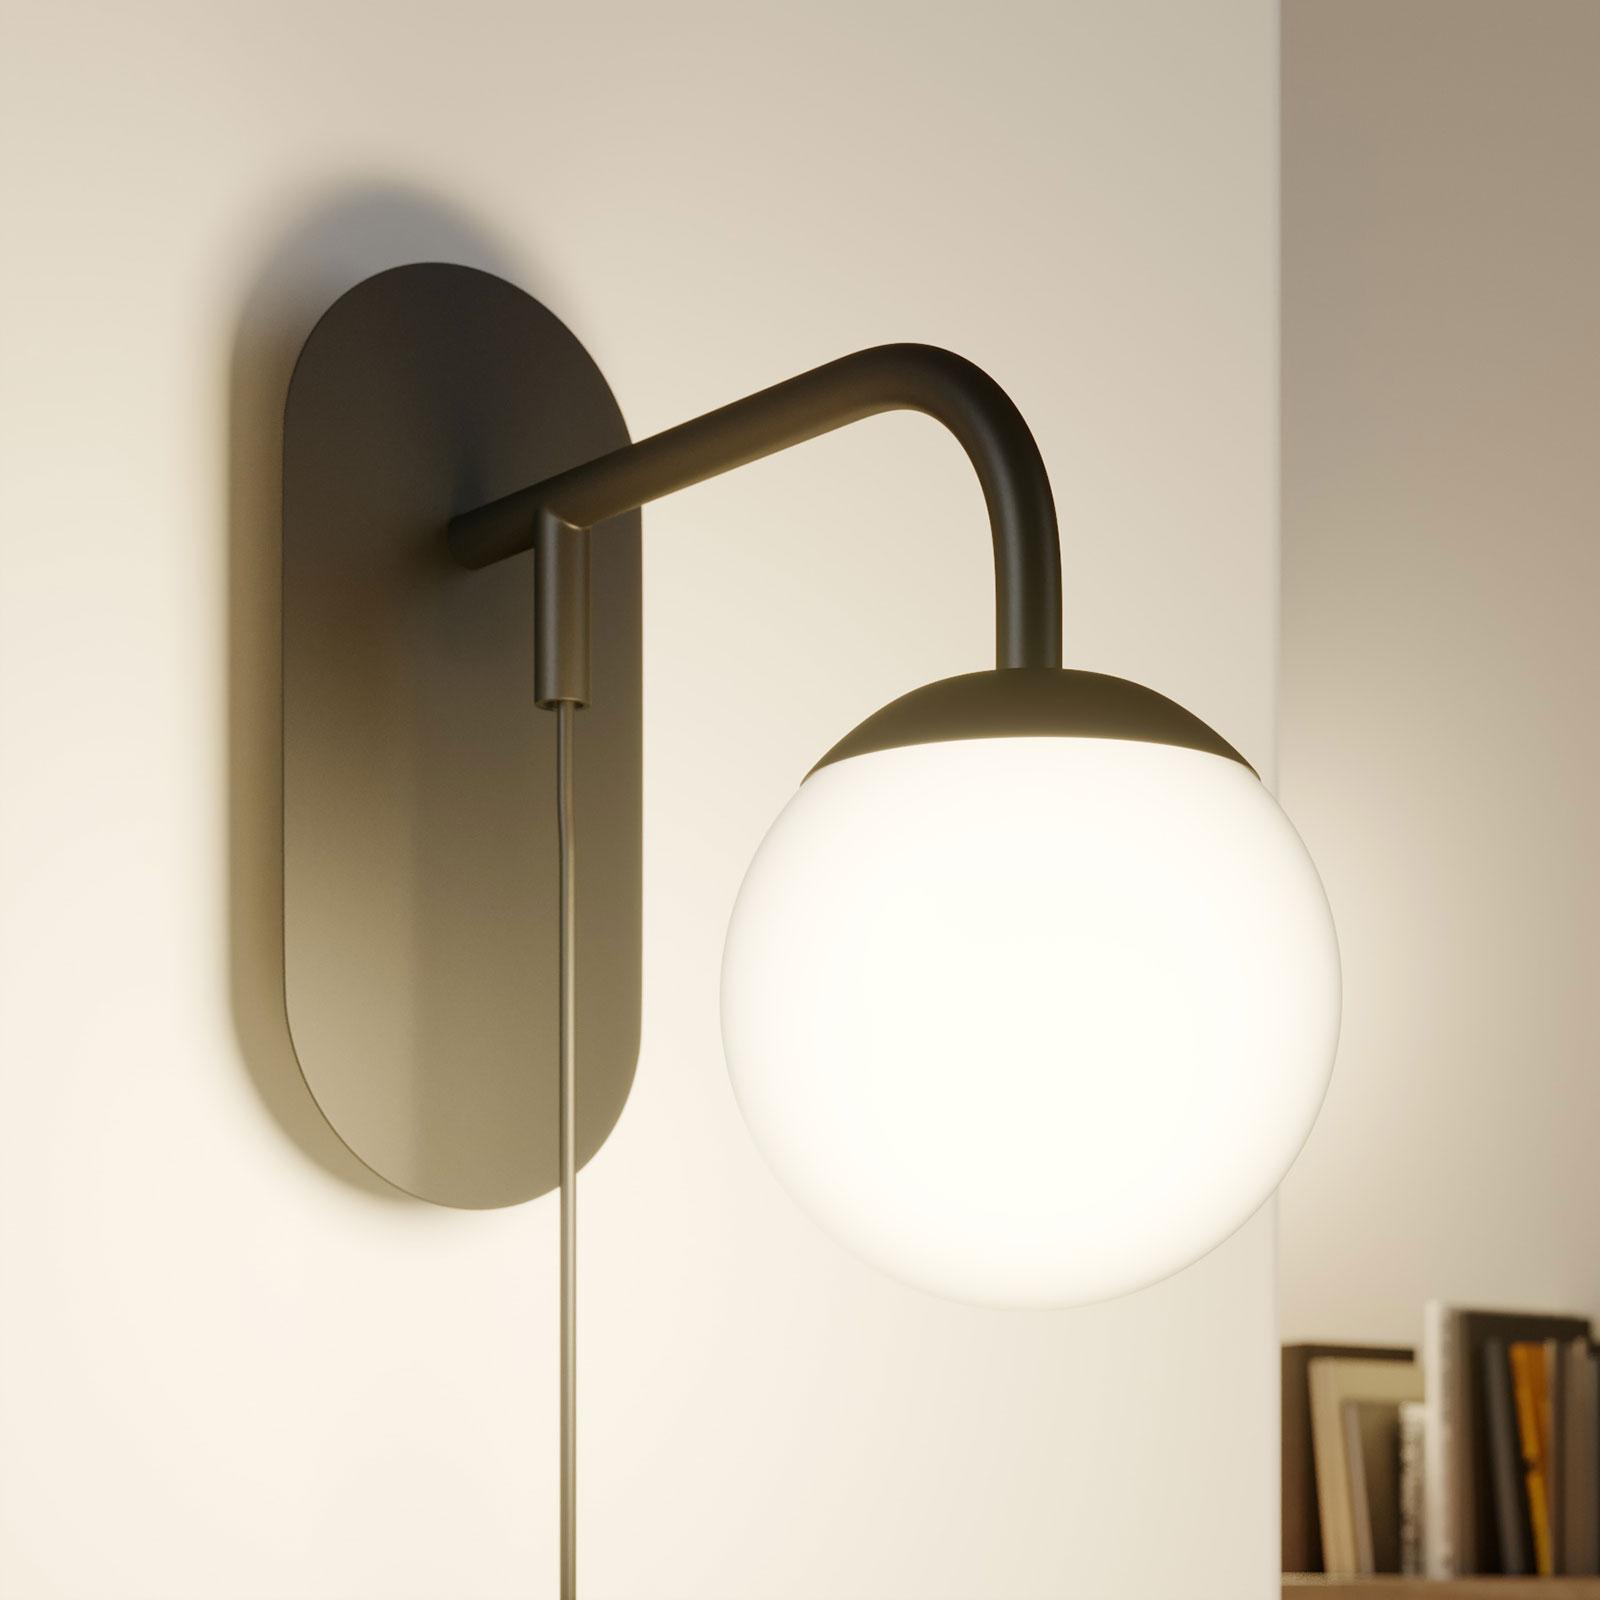 Lucande Rama LED-væglampe med lampeskærm af glas